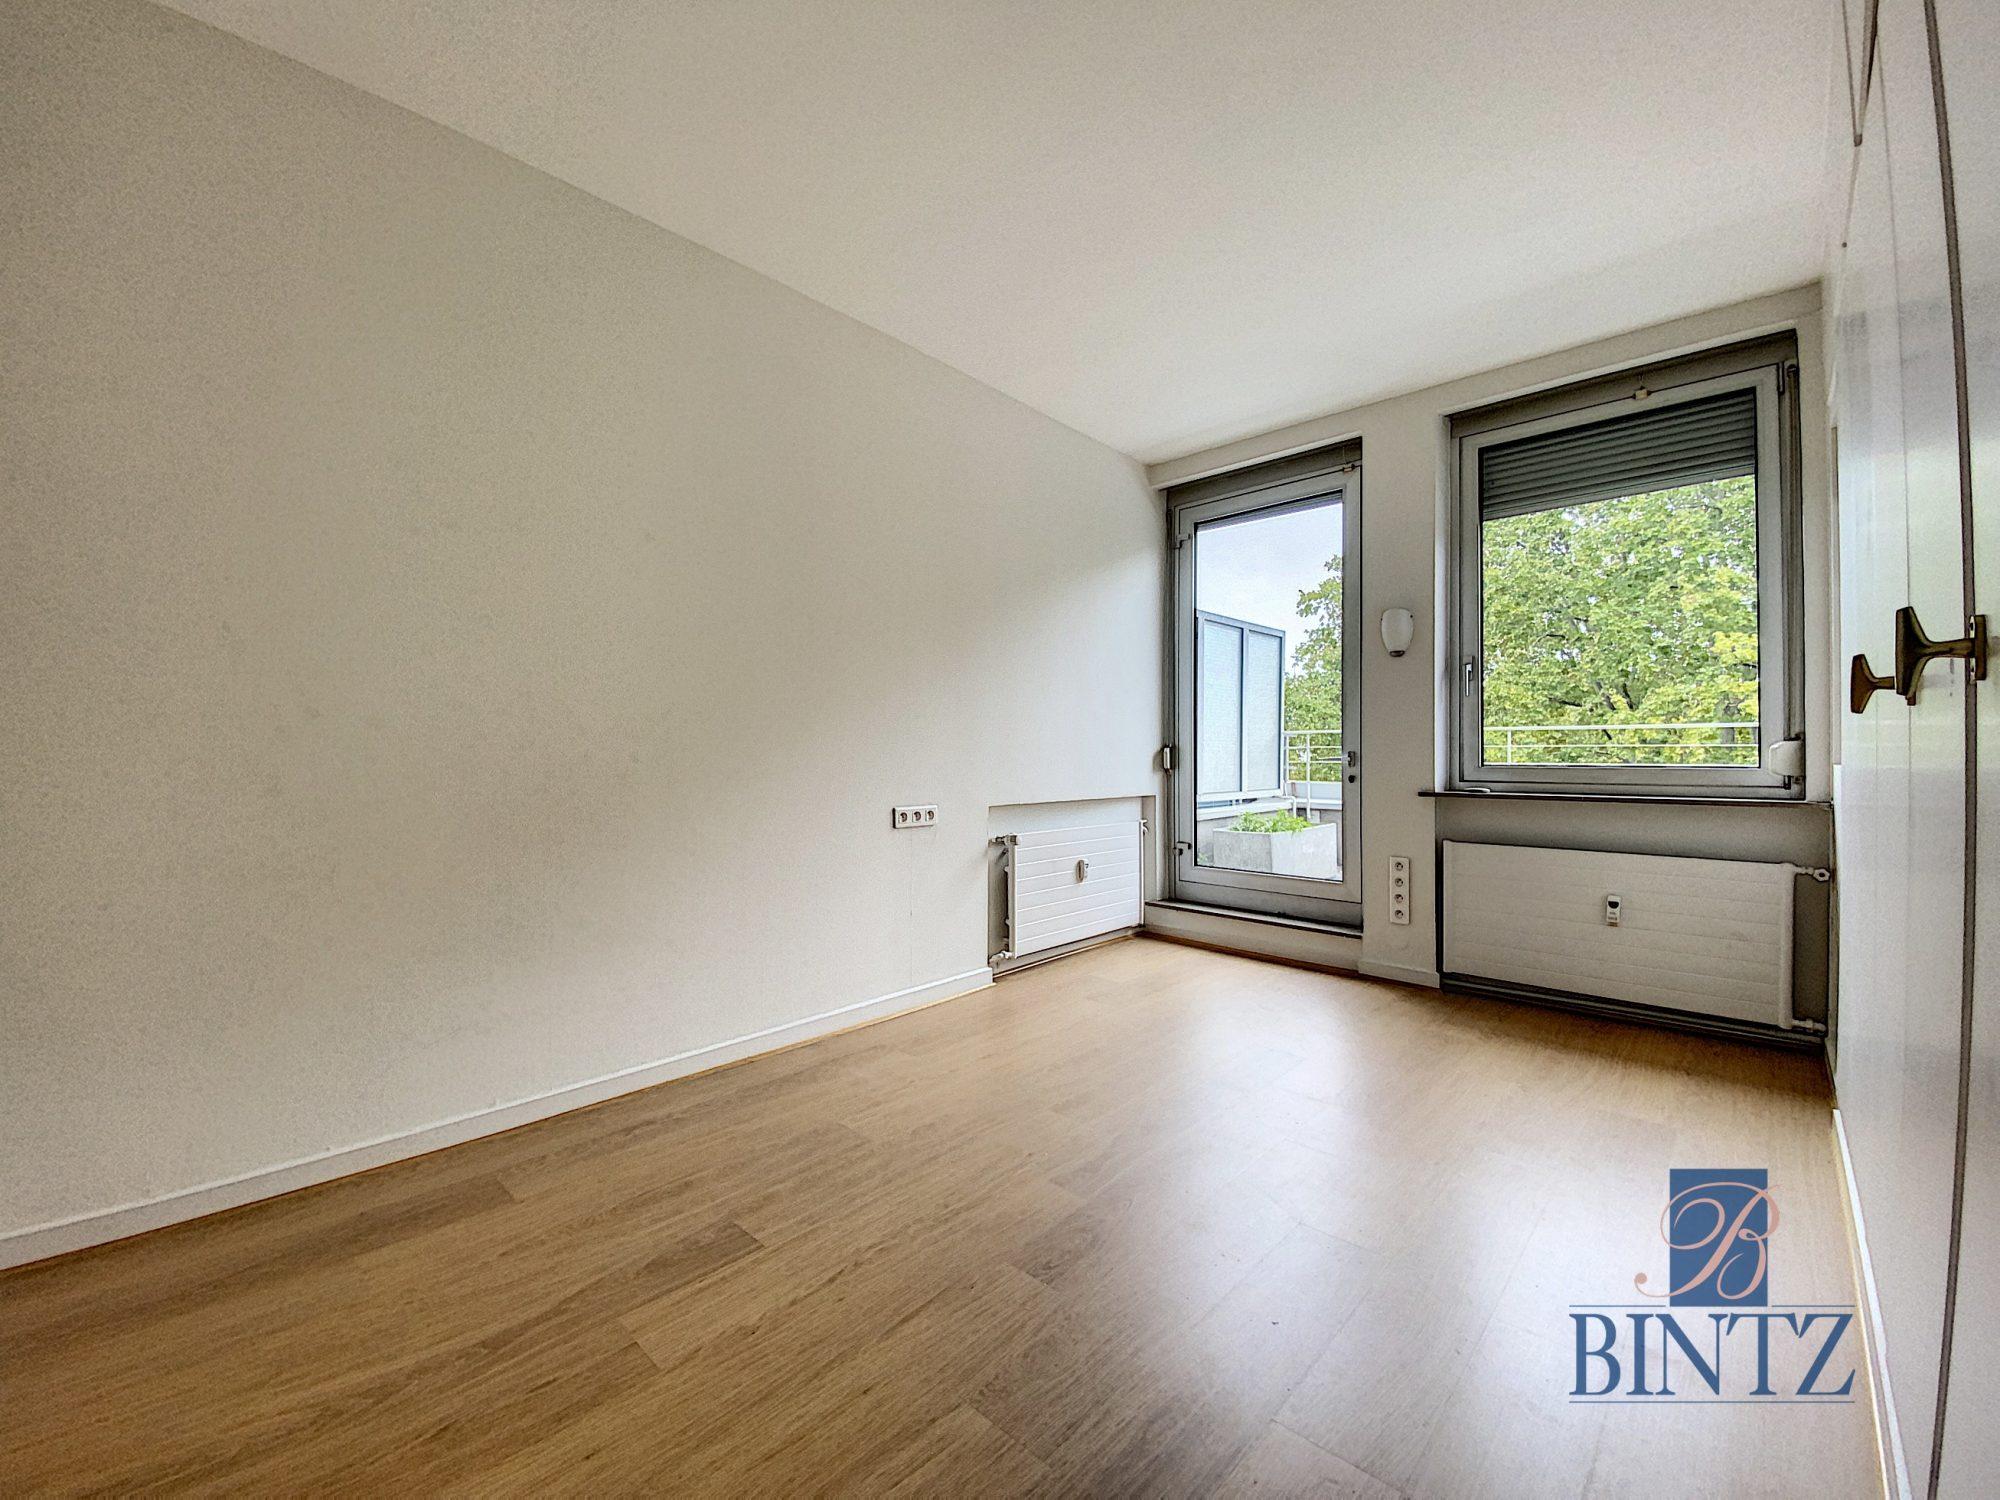 5 PIÈCES QUARTIER CONTADES - Devenez locataire en toute sérénité - Bintz Immobilier - 12